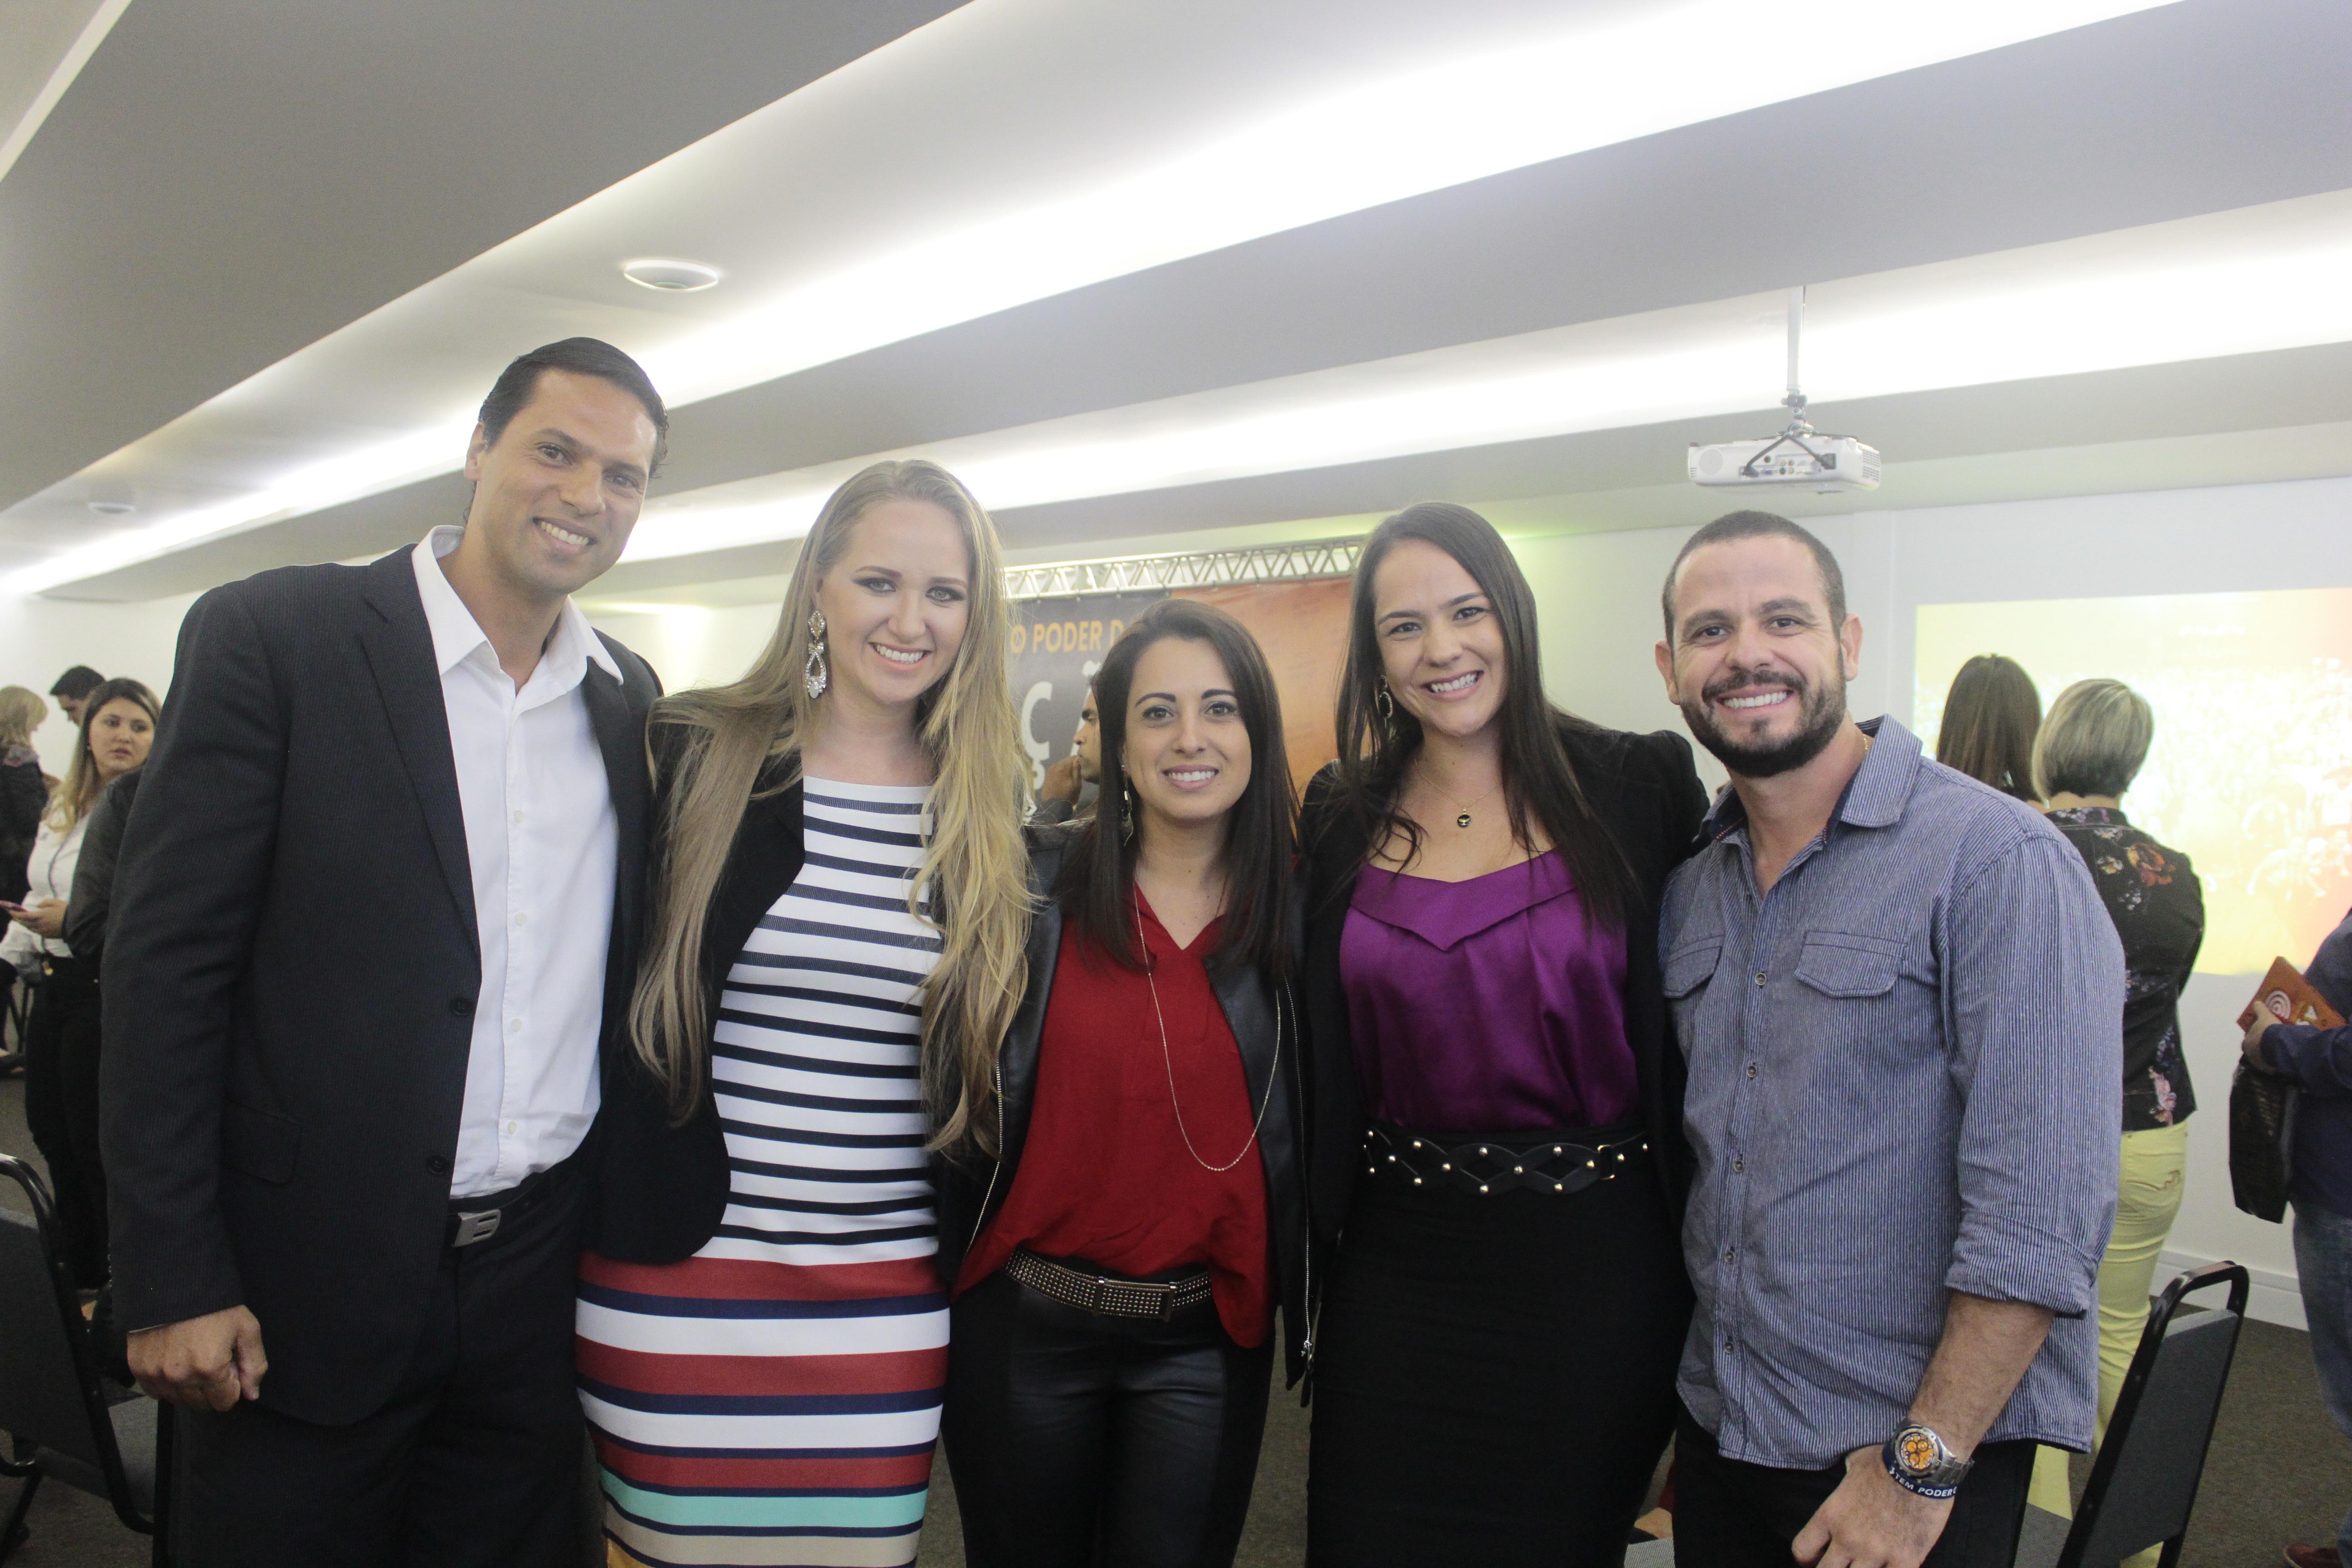 Carlos magno, Ana Cláudia, Giovanka Castro, ana Luiza Souza, Marcos Neres.